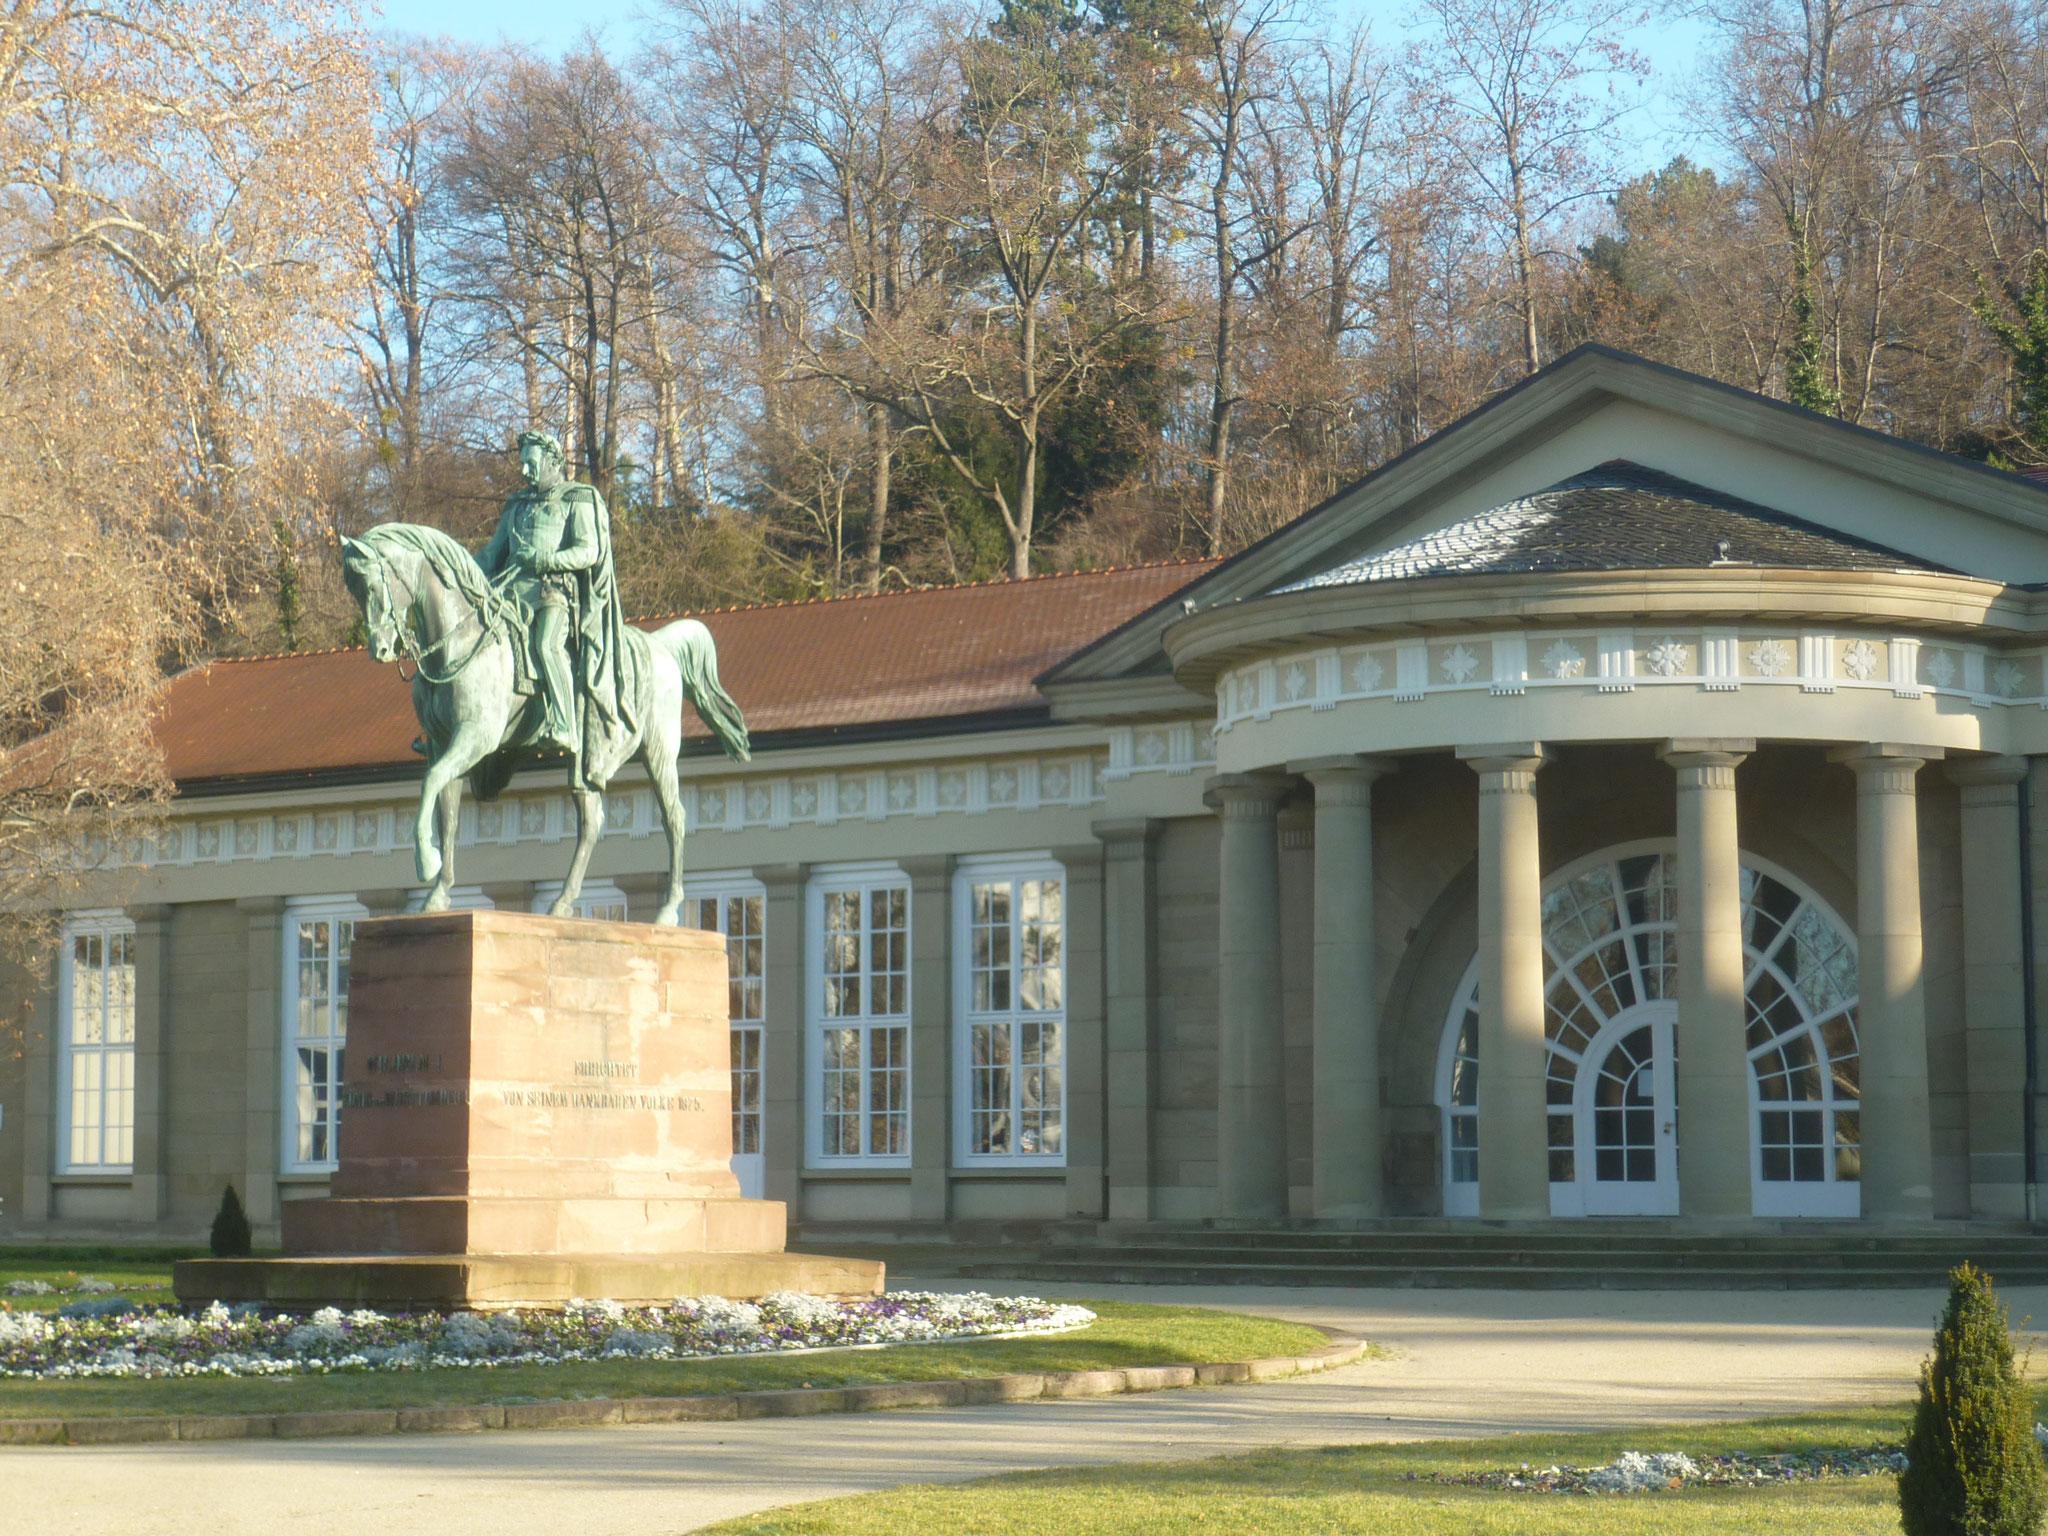 Europaweit berühmt: Cannstatt als Kur- und Badeort im 19. Jahrhundert